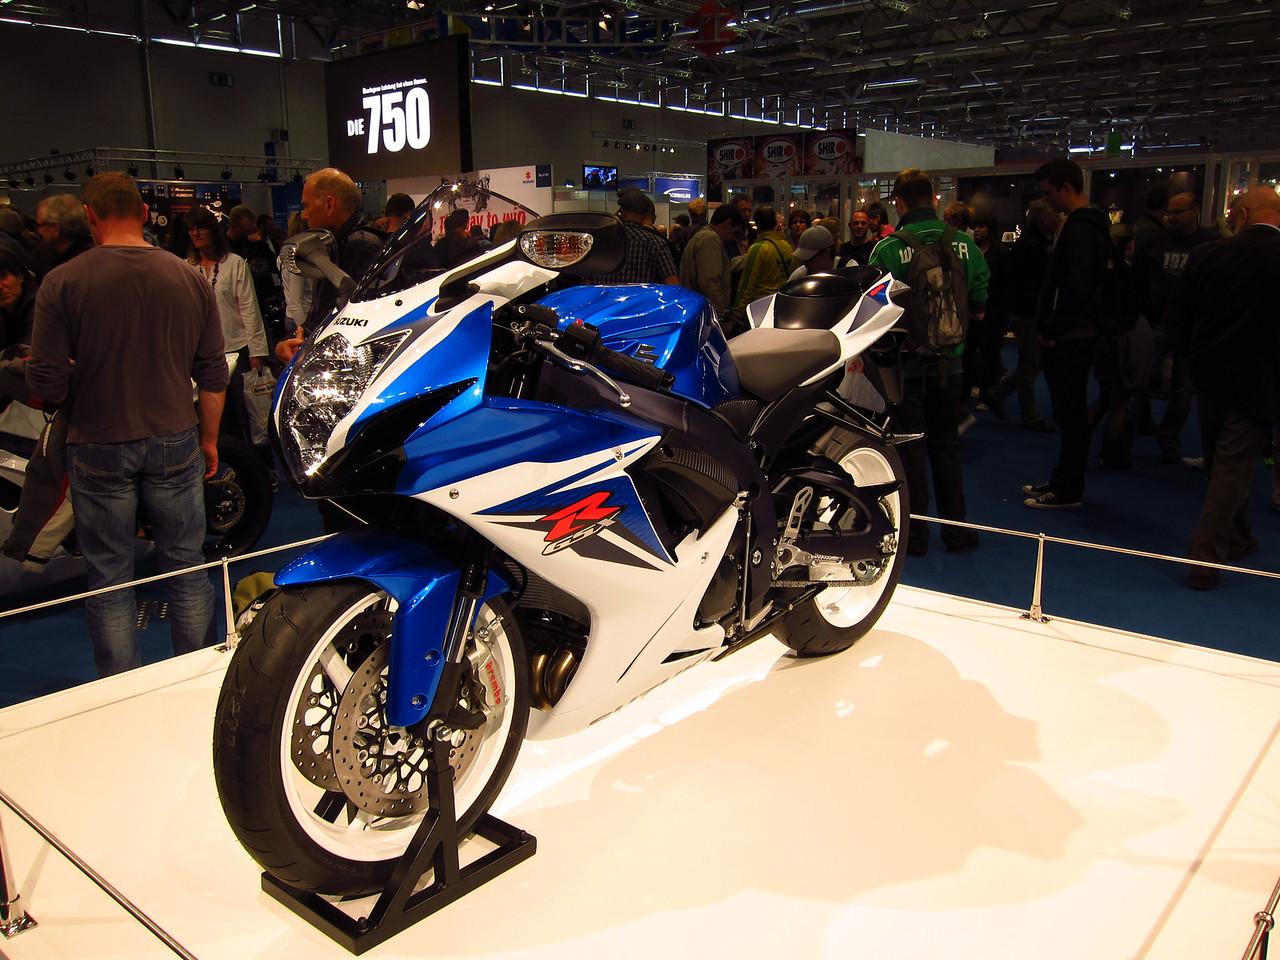 2011 SUZUKI GSX-R - Σελίδα 3 1041862862_ASncQ-X2